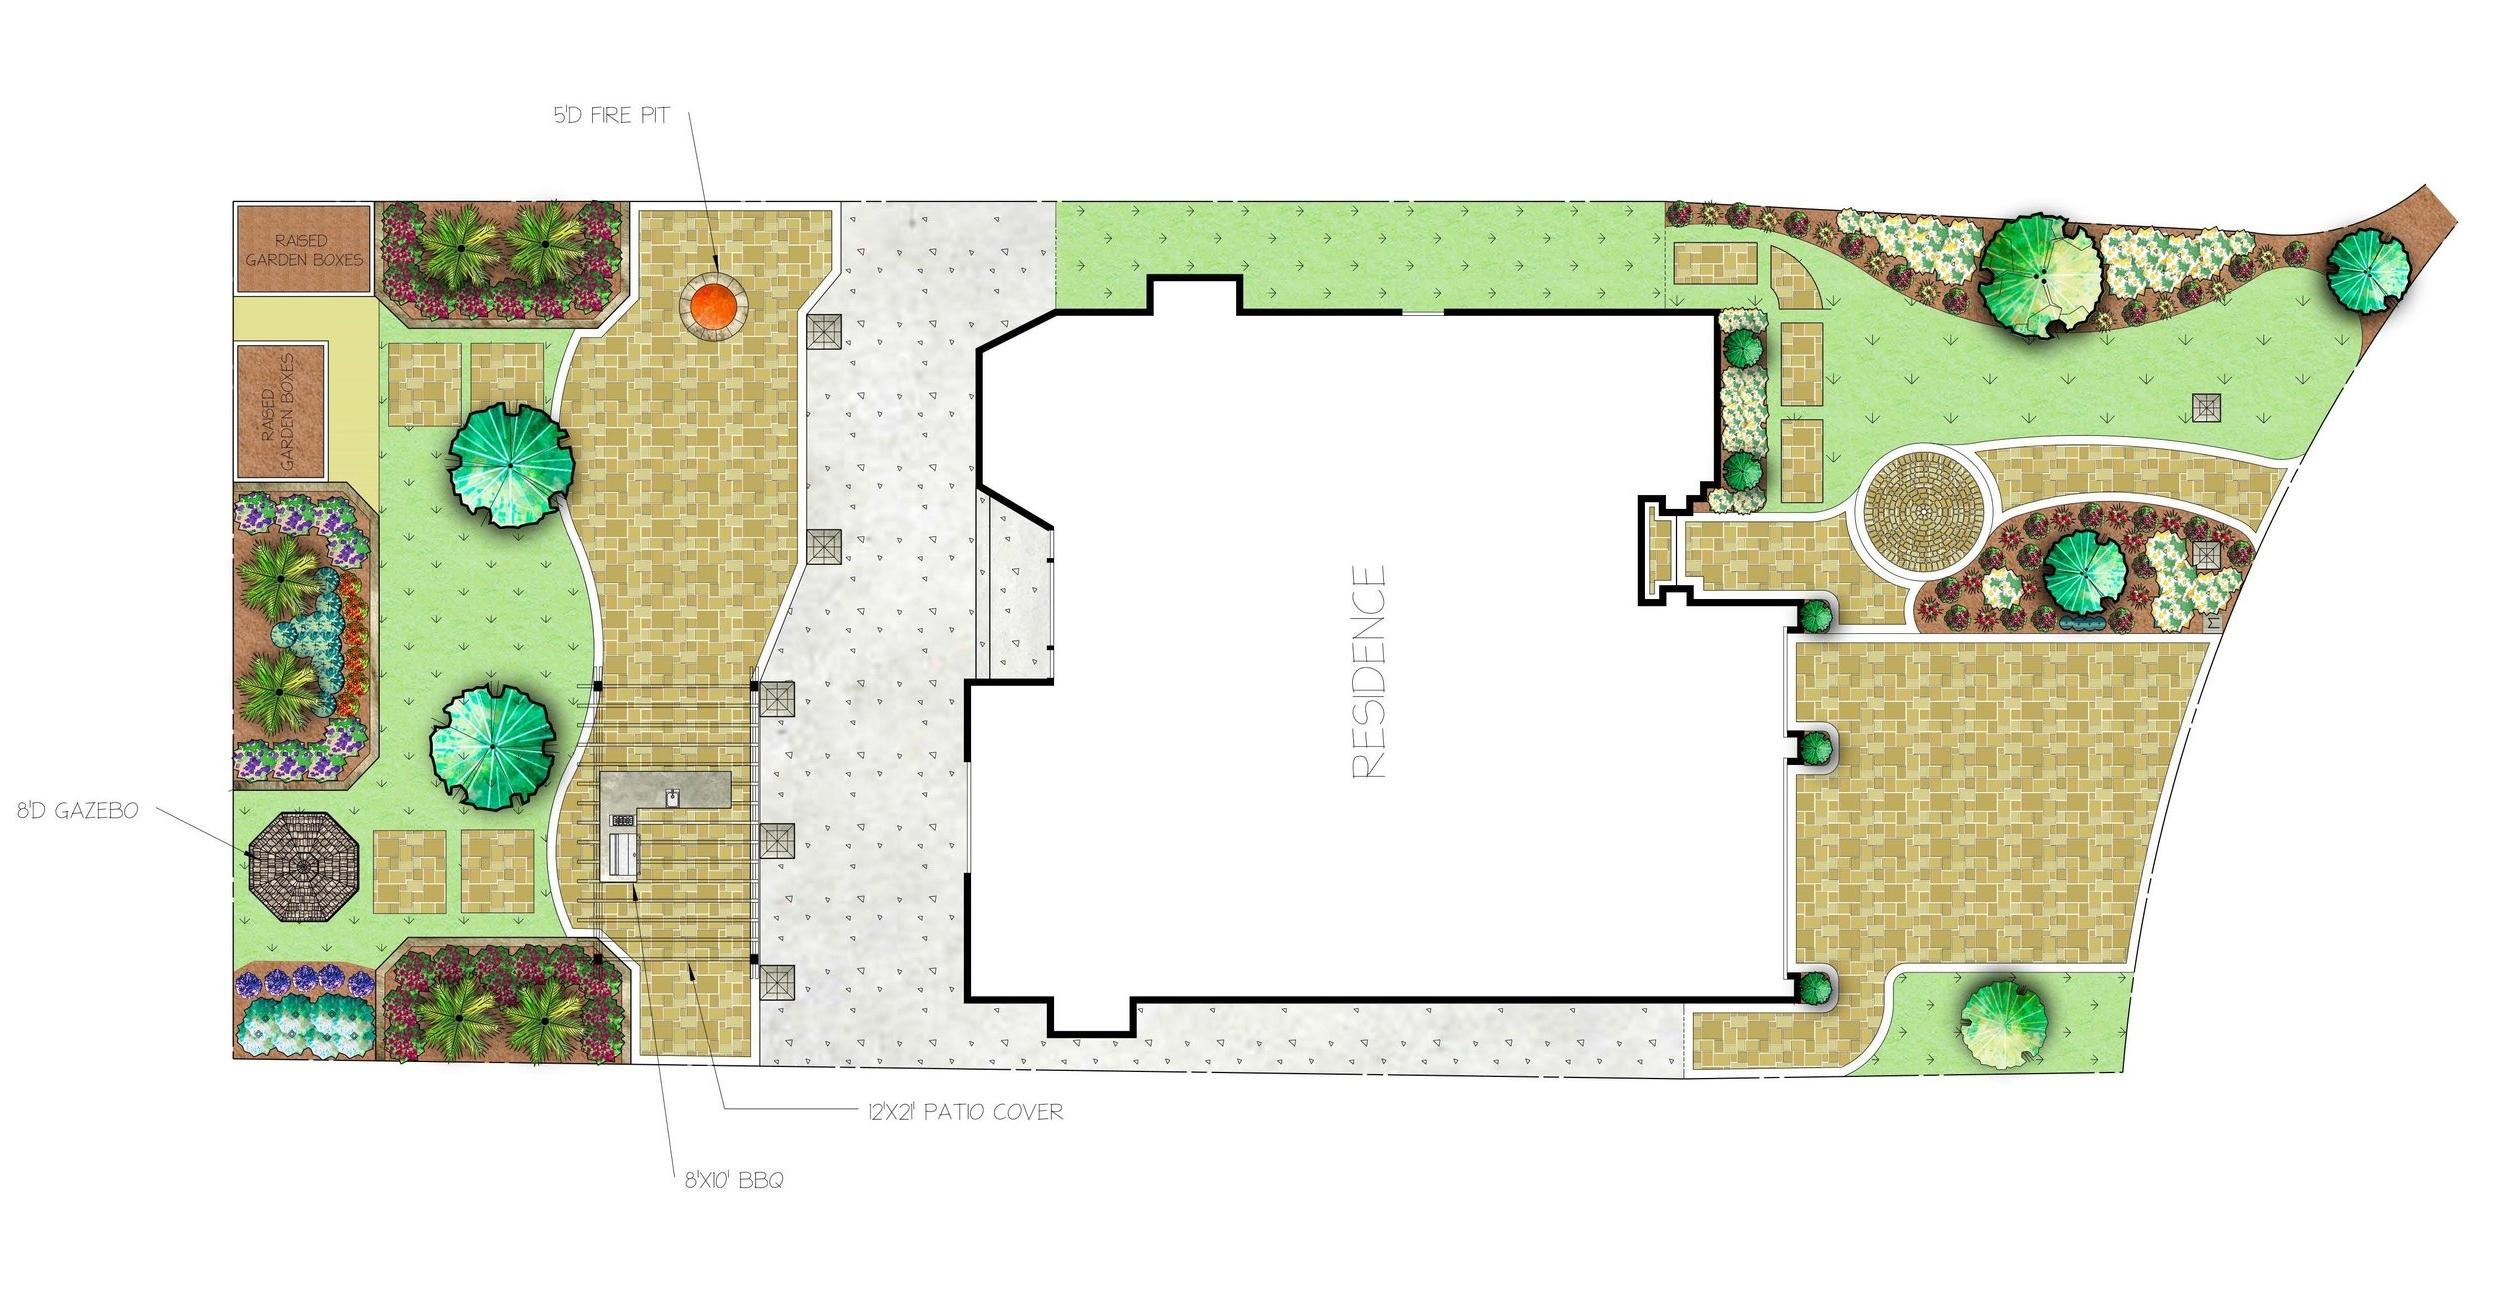 Jacky smelser color site plan.jpg